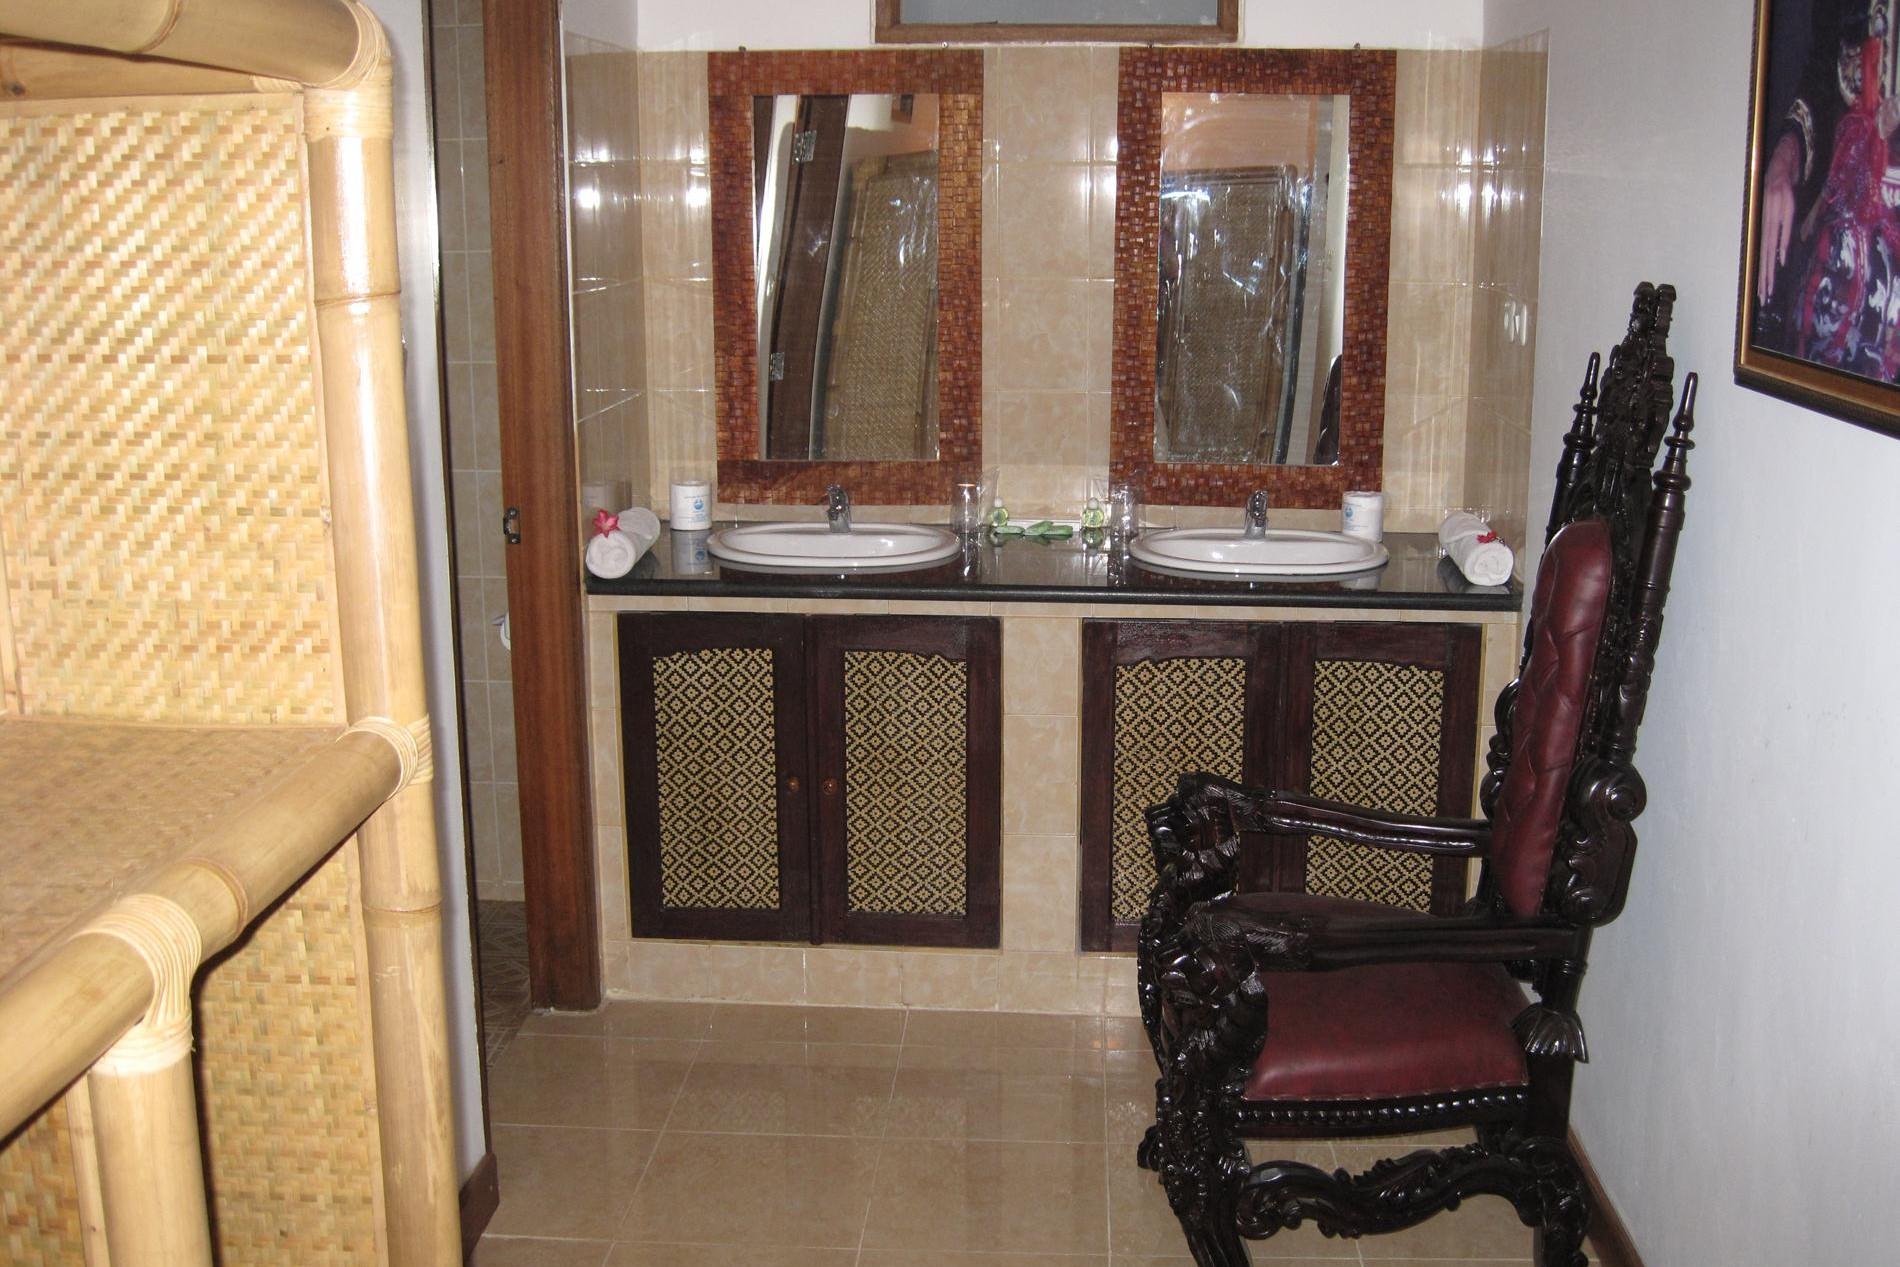 Raja suite wash tables